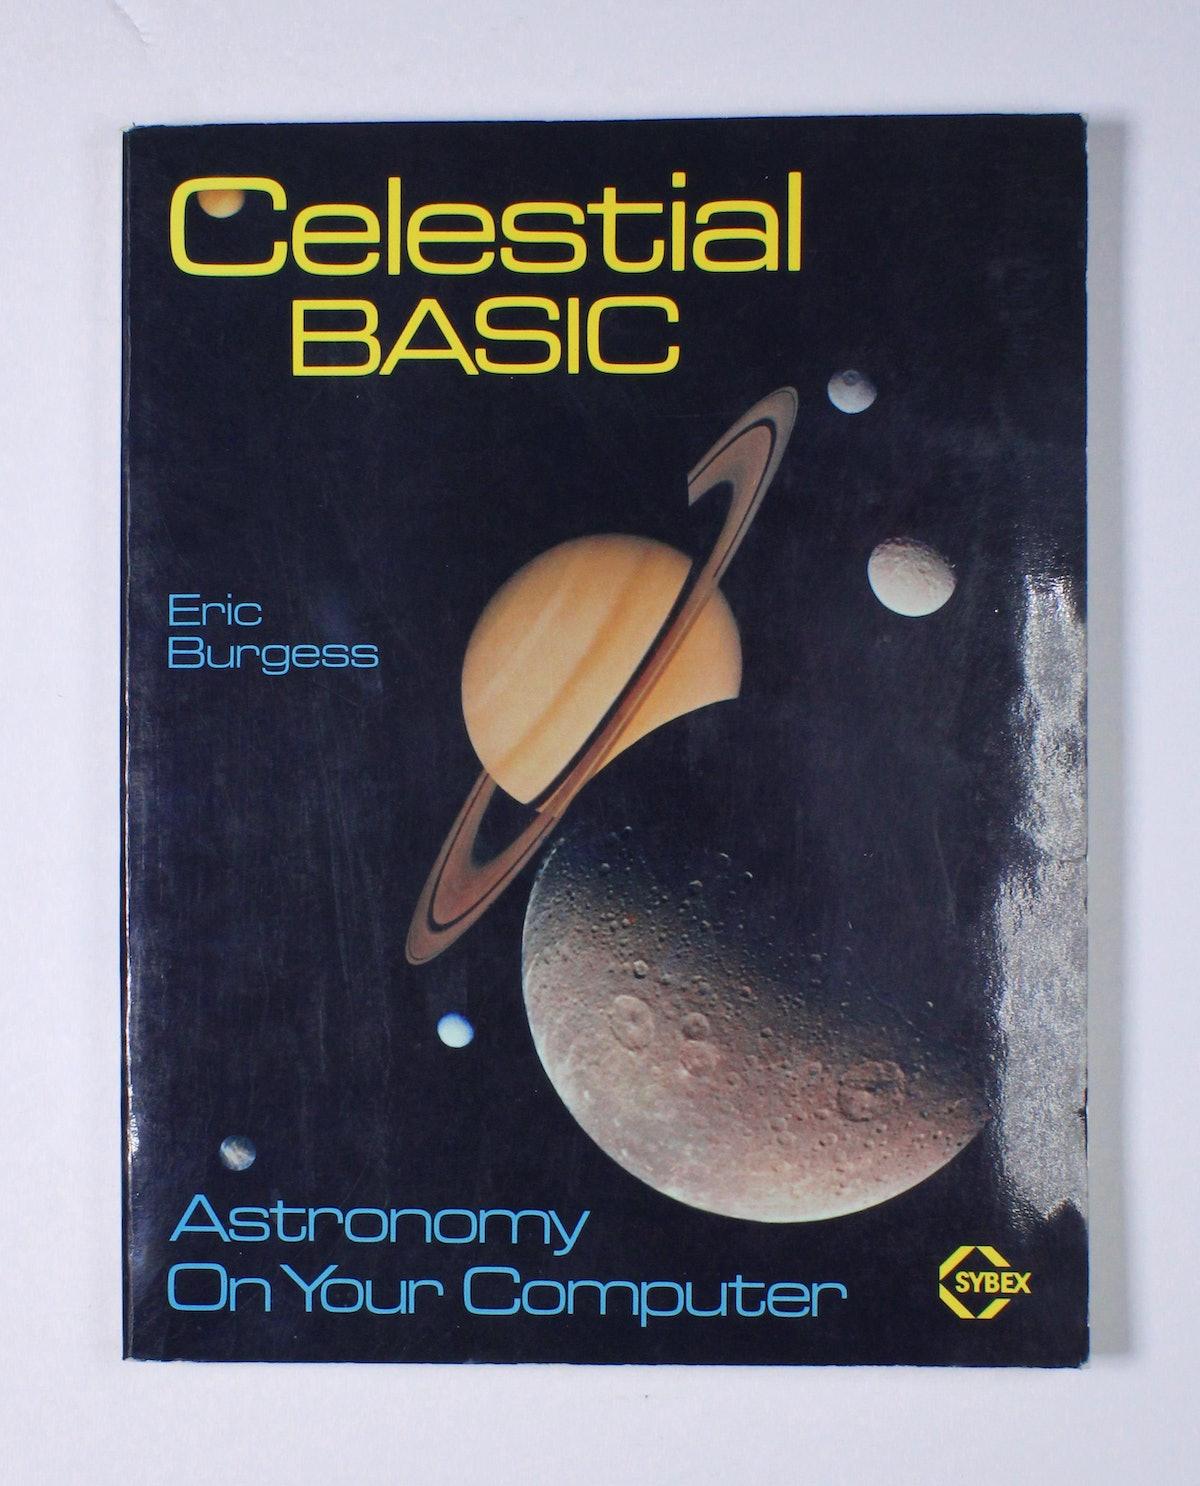 Celestial Basic